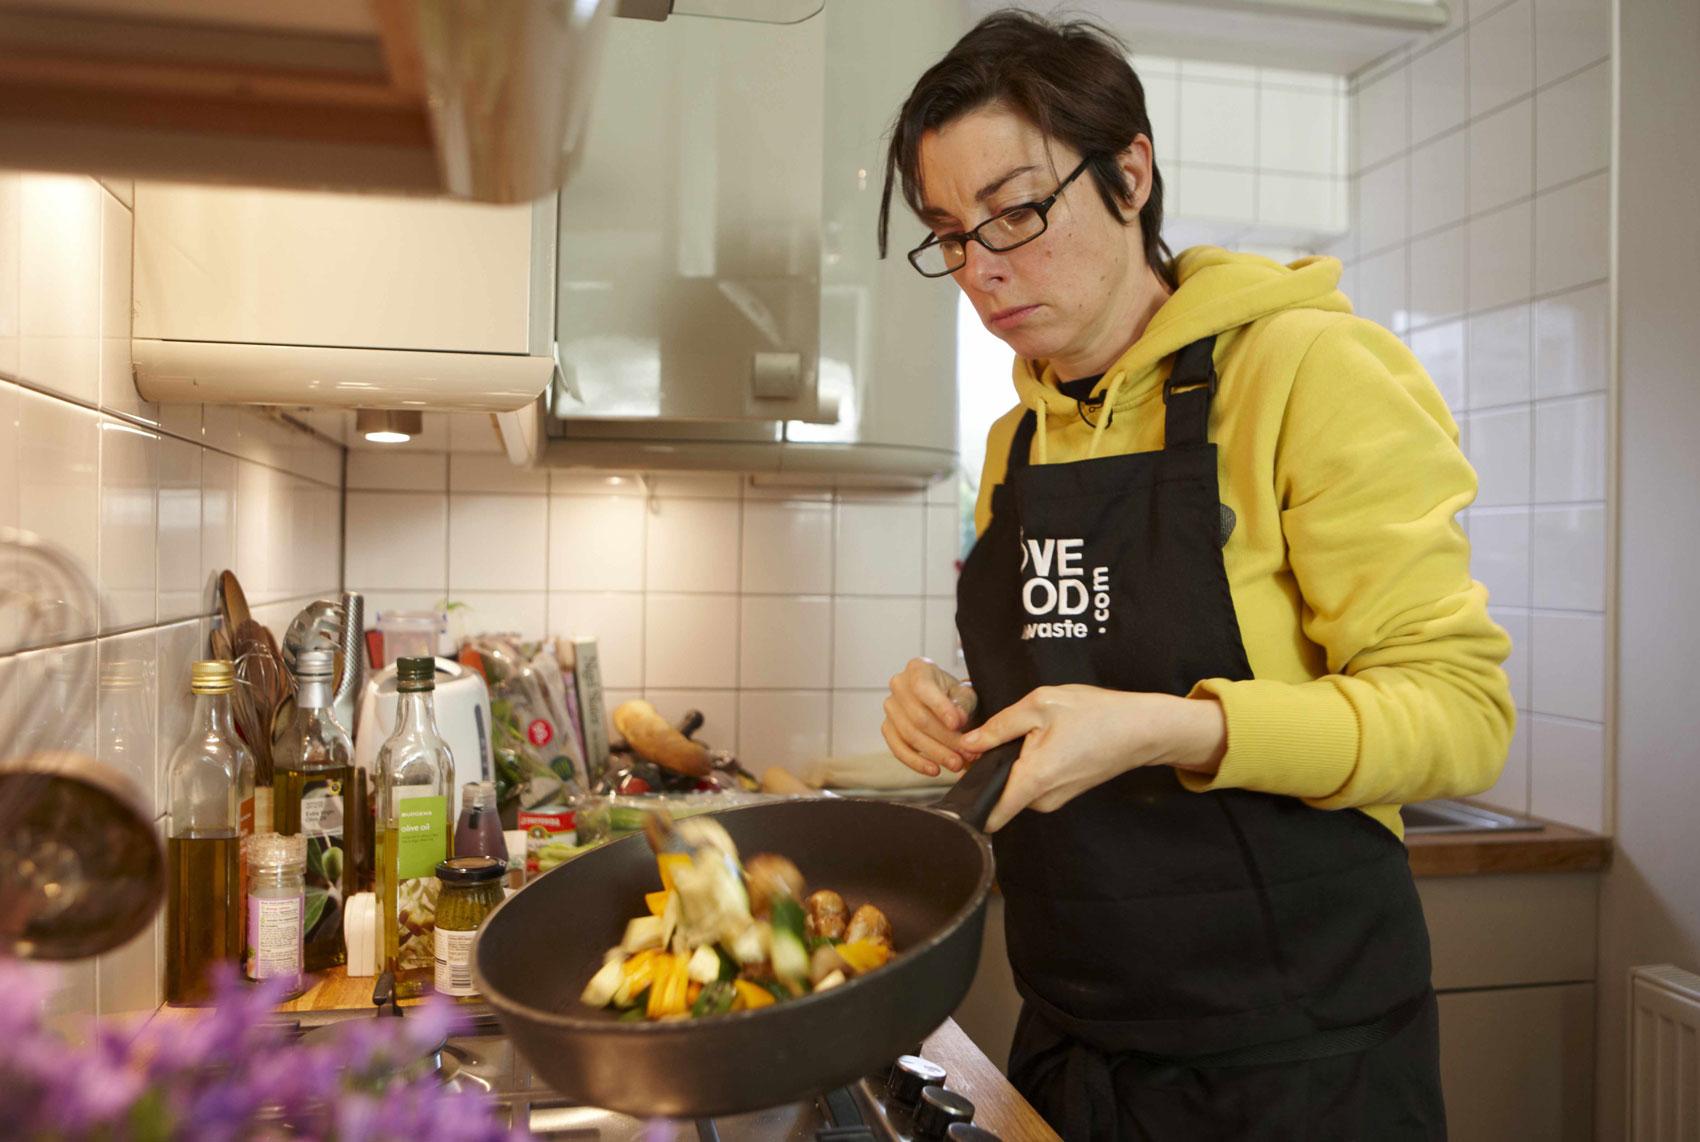 Sue Perkins - BBC celebrity presenter | Commercial Portrait Photography